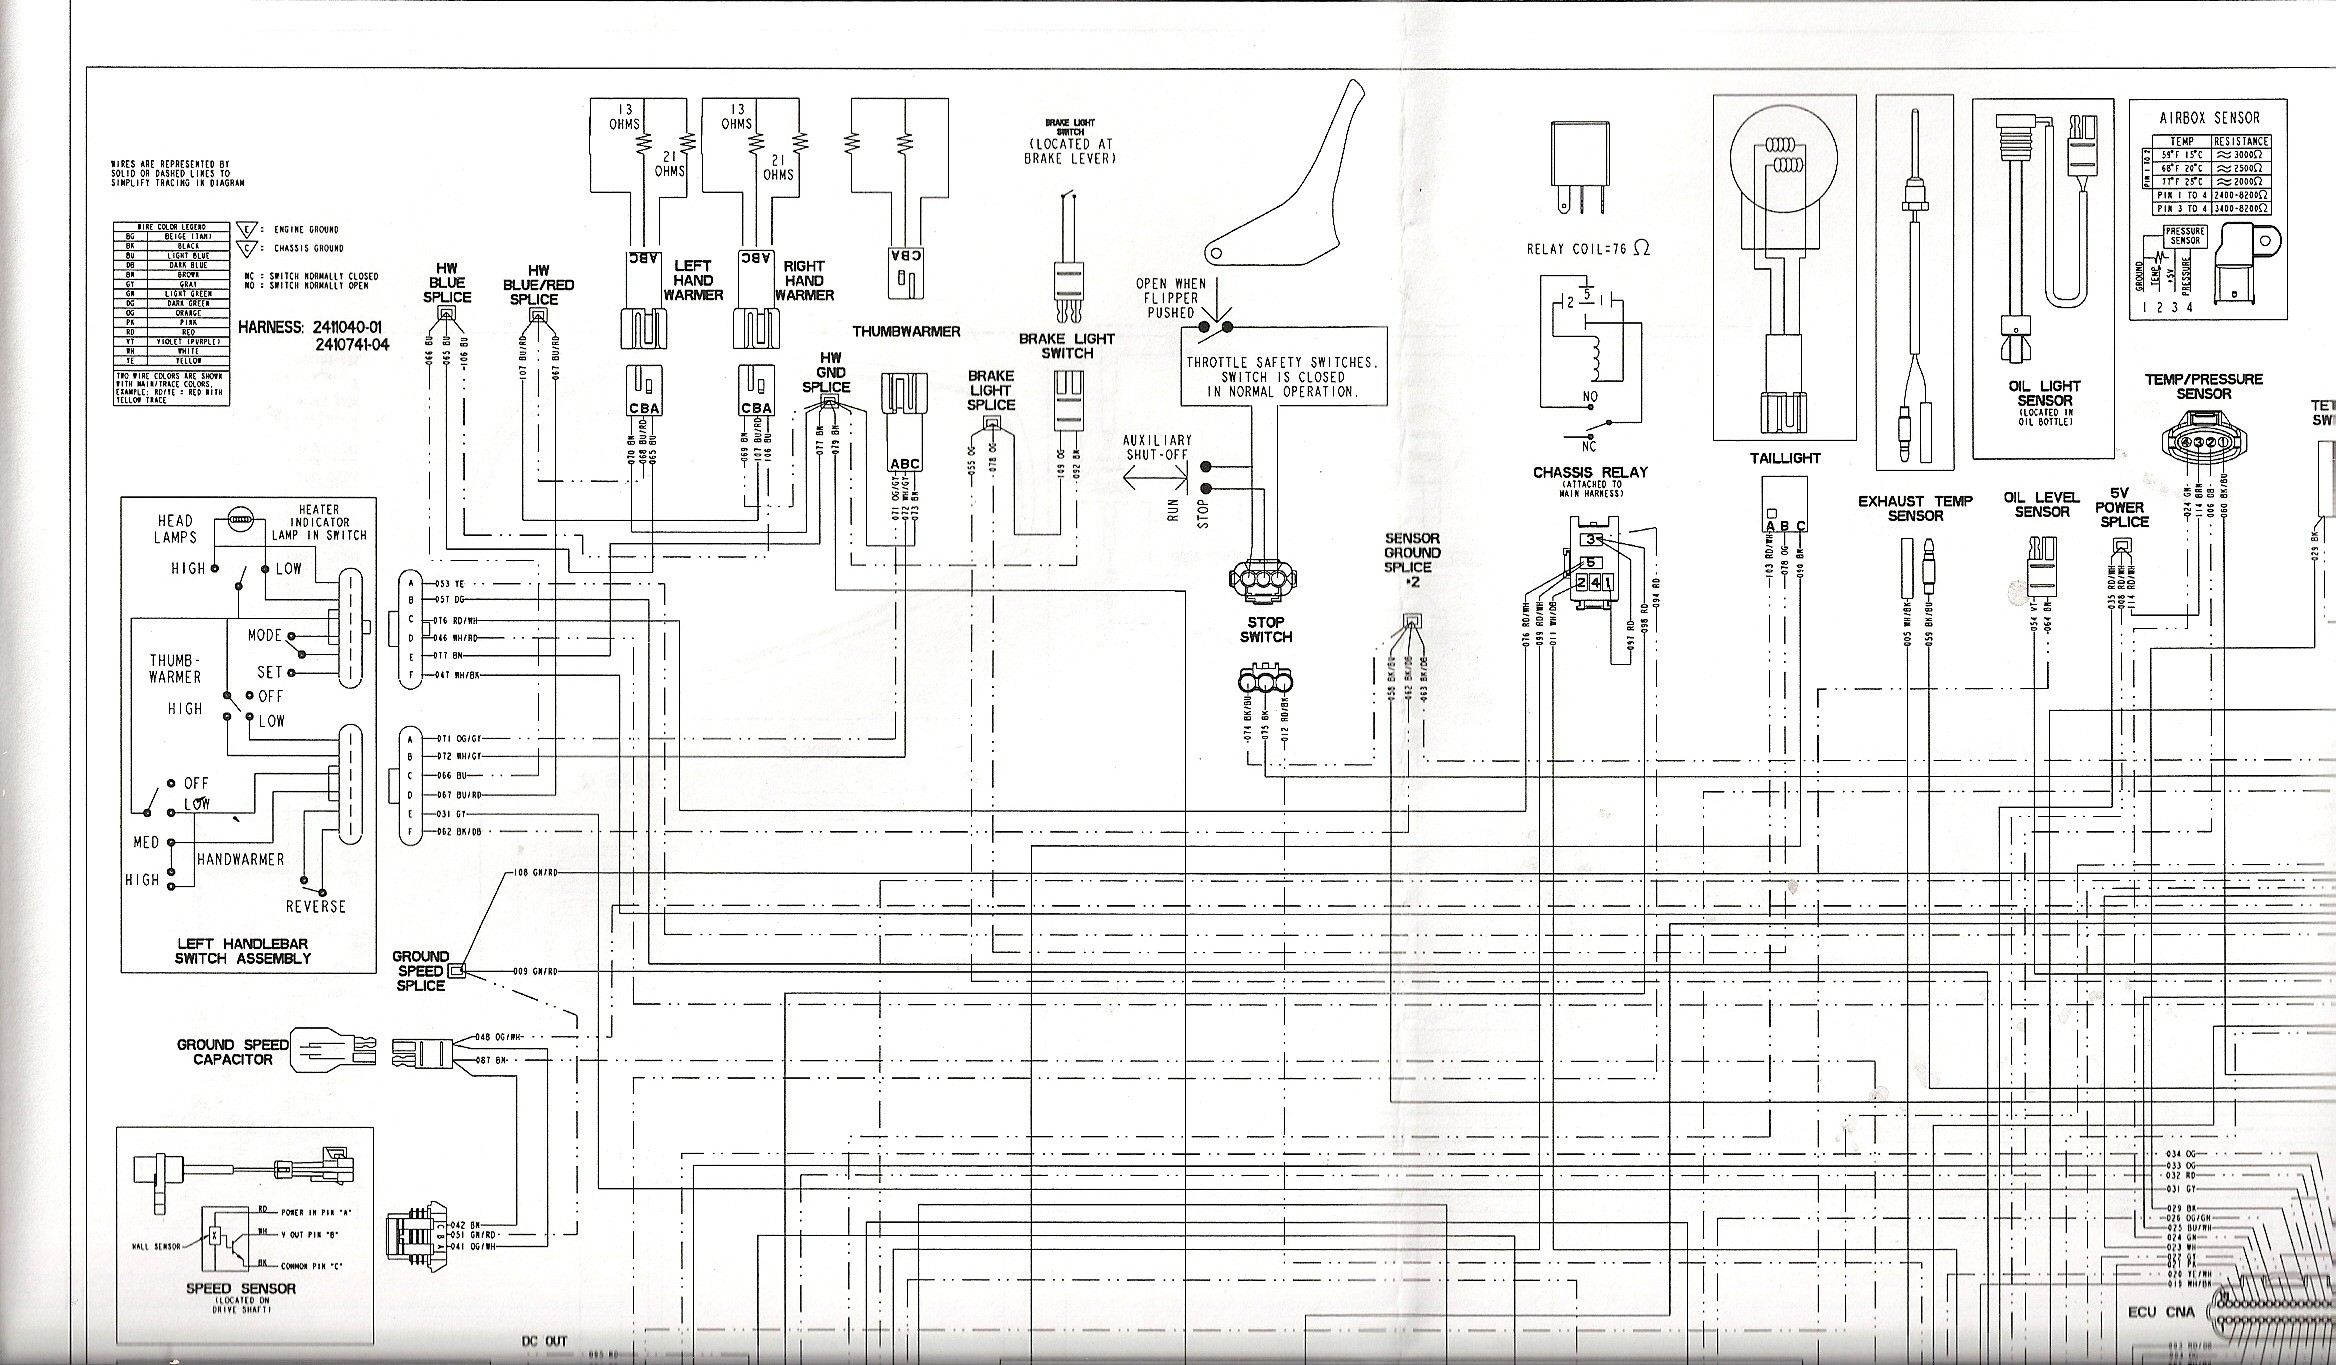 wiring schematic 2007 polaris ranger 700 xp